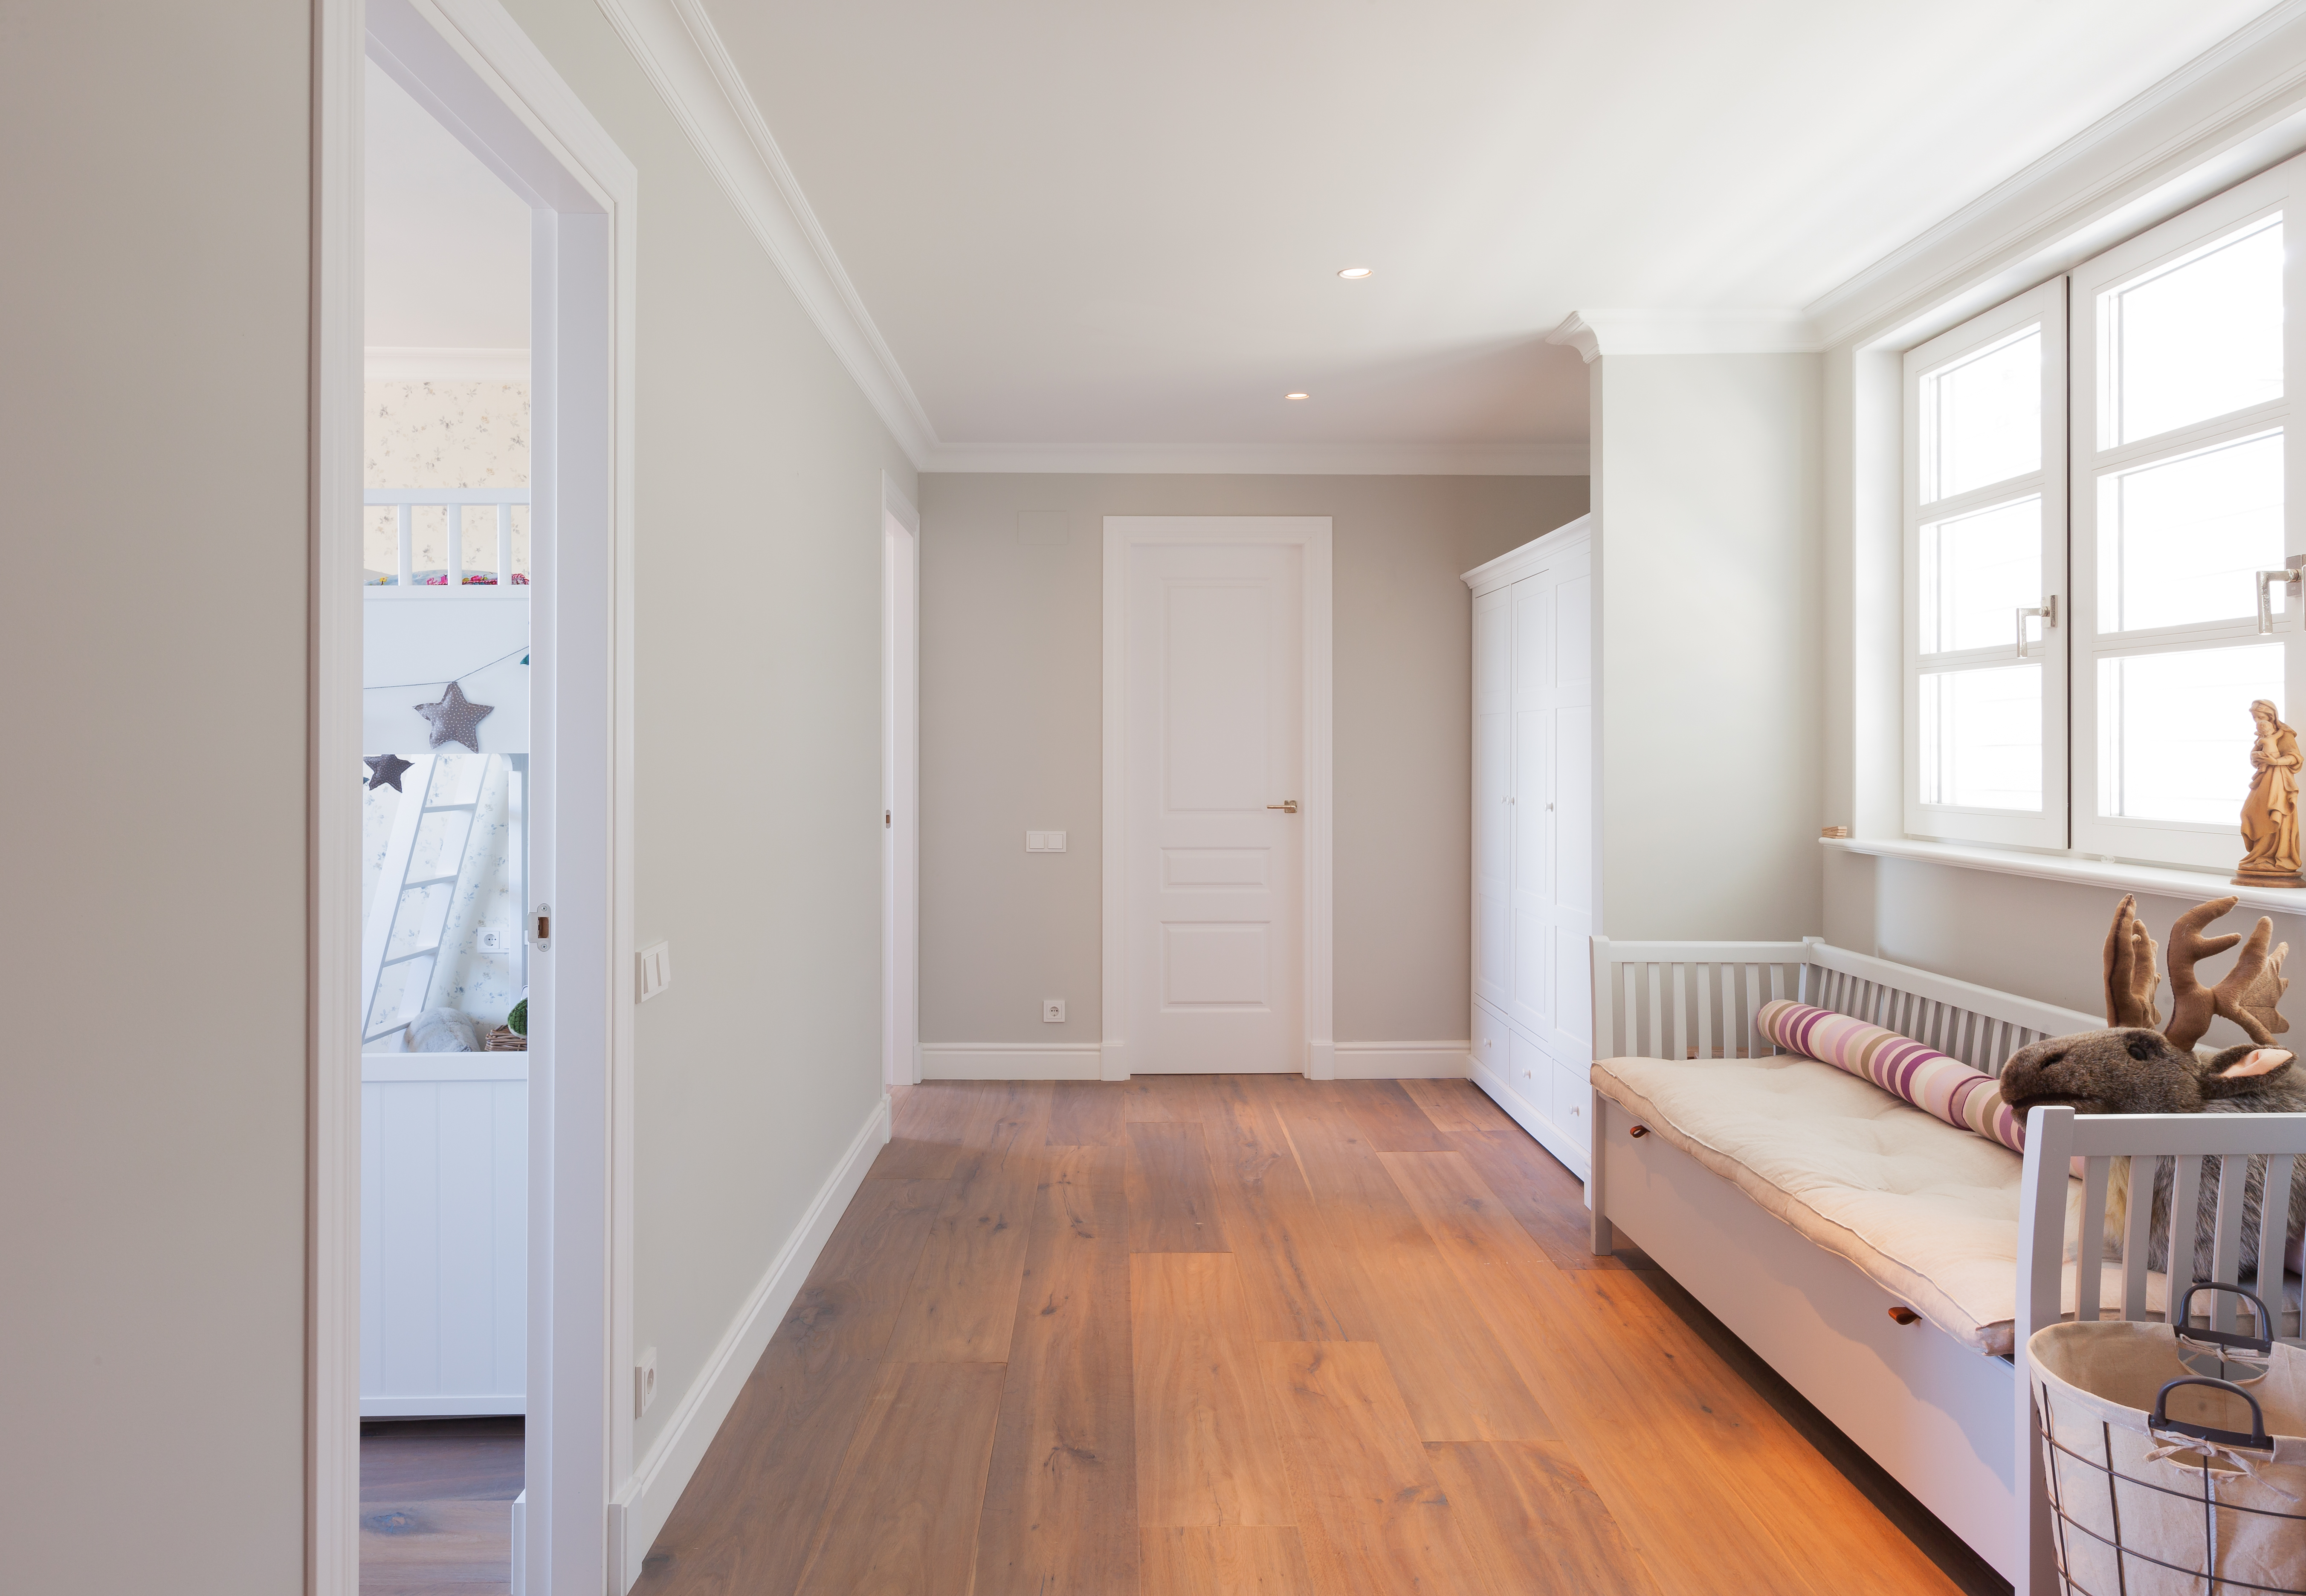 Pasillo parquet y puertas de madera 2 sanc s puertas y - Como dejar el parquet como nuevo ...